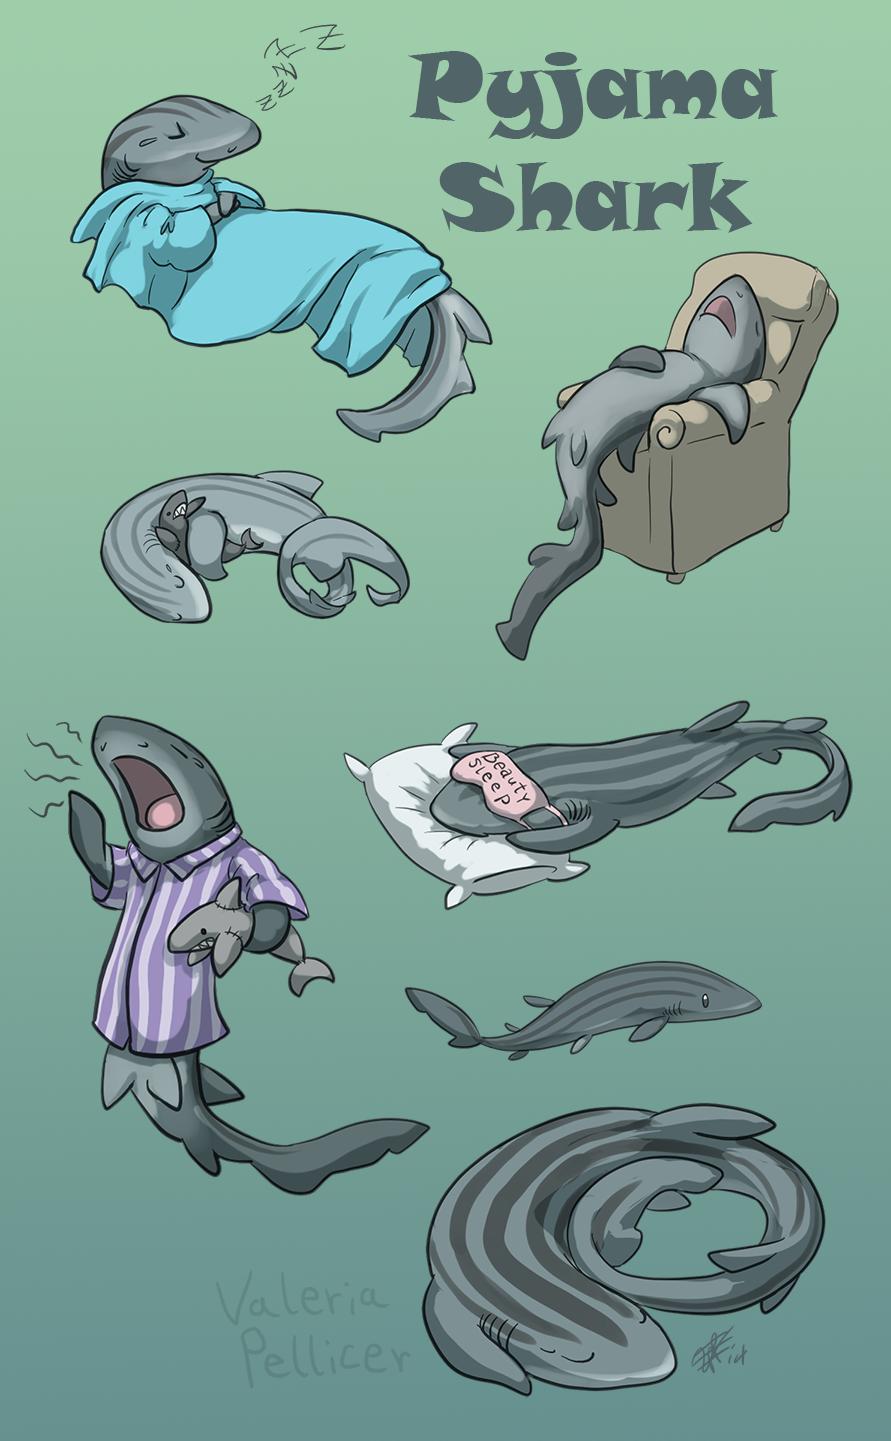 Pyjama Shark